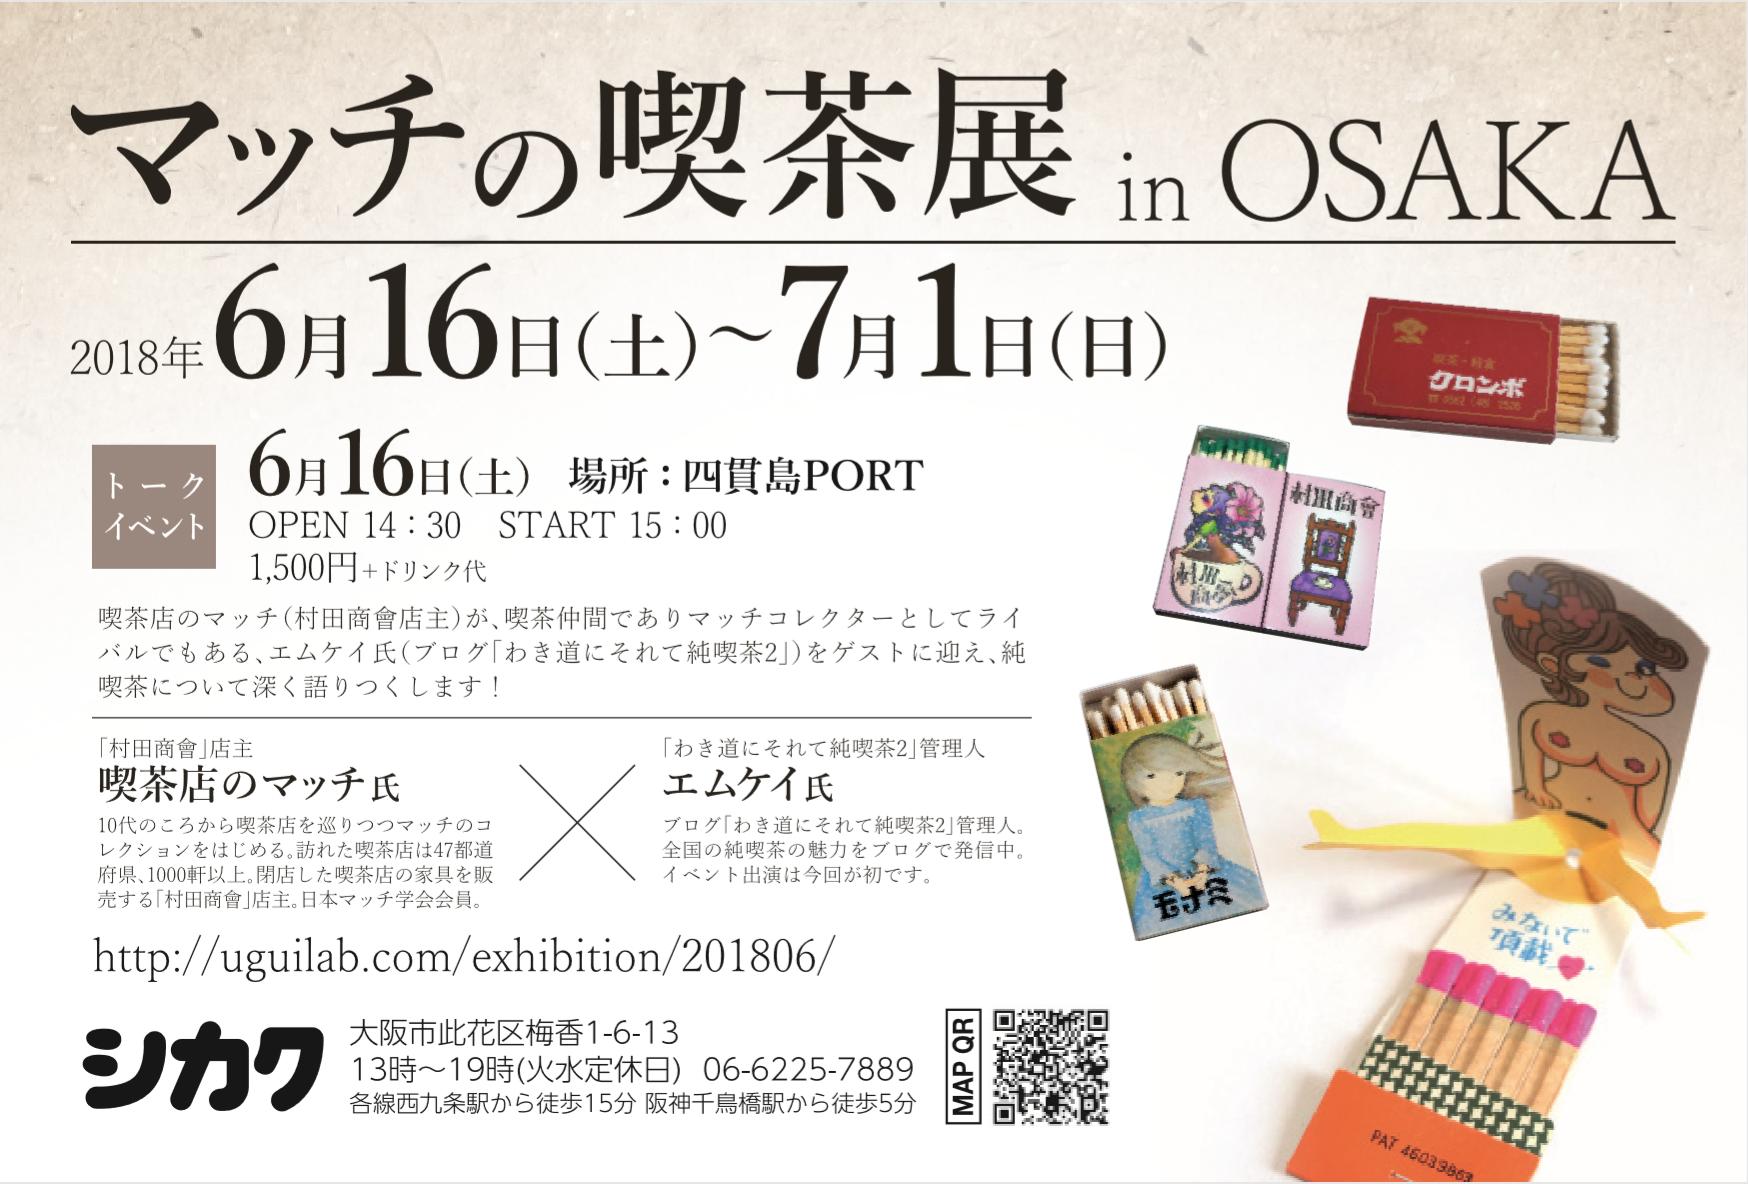 6/16~7/1 当店代表の喫茶店のマッチコレクション展『マッチの喫茶展inOSAKA』を開催します